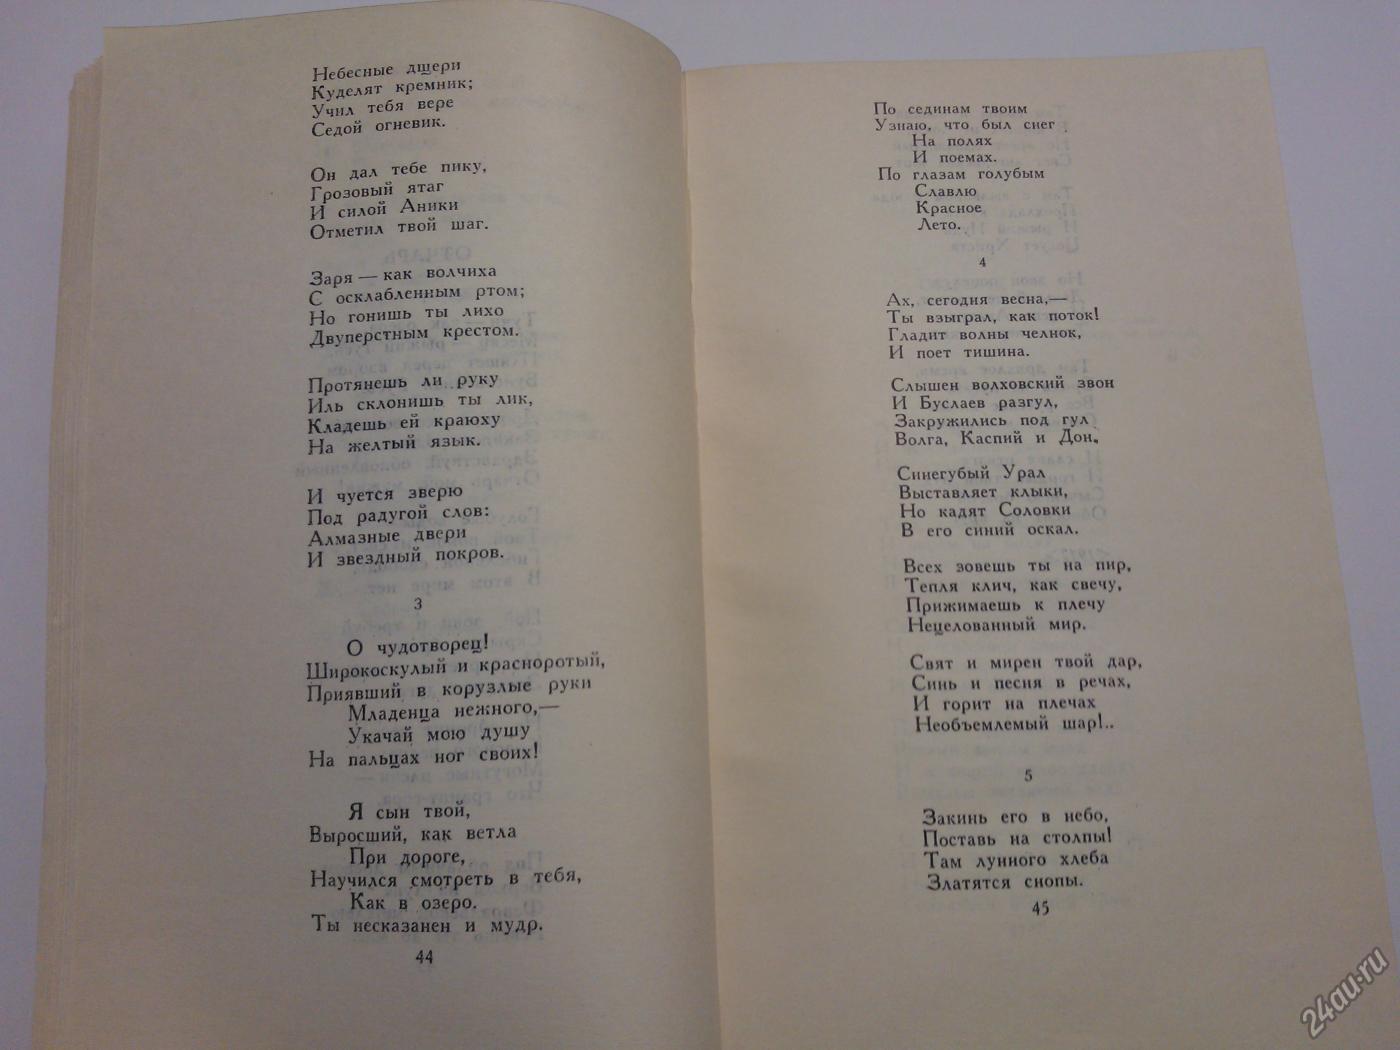 Стихи жизнь счастье - сборник красивых стихов в доме солнца